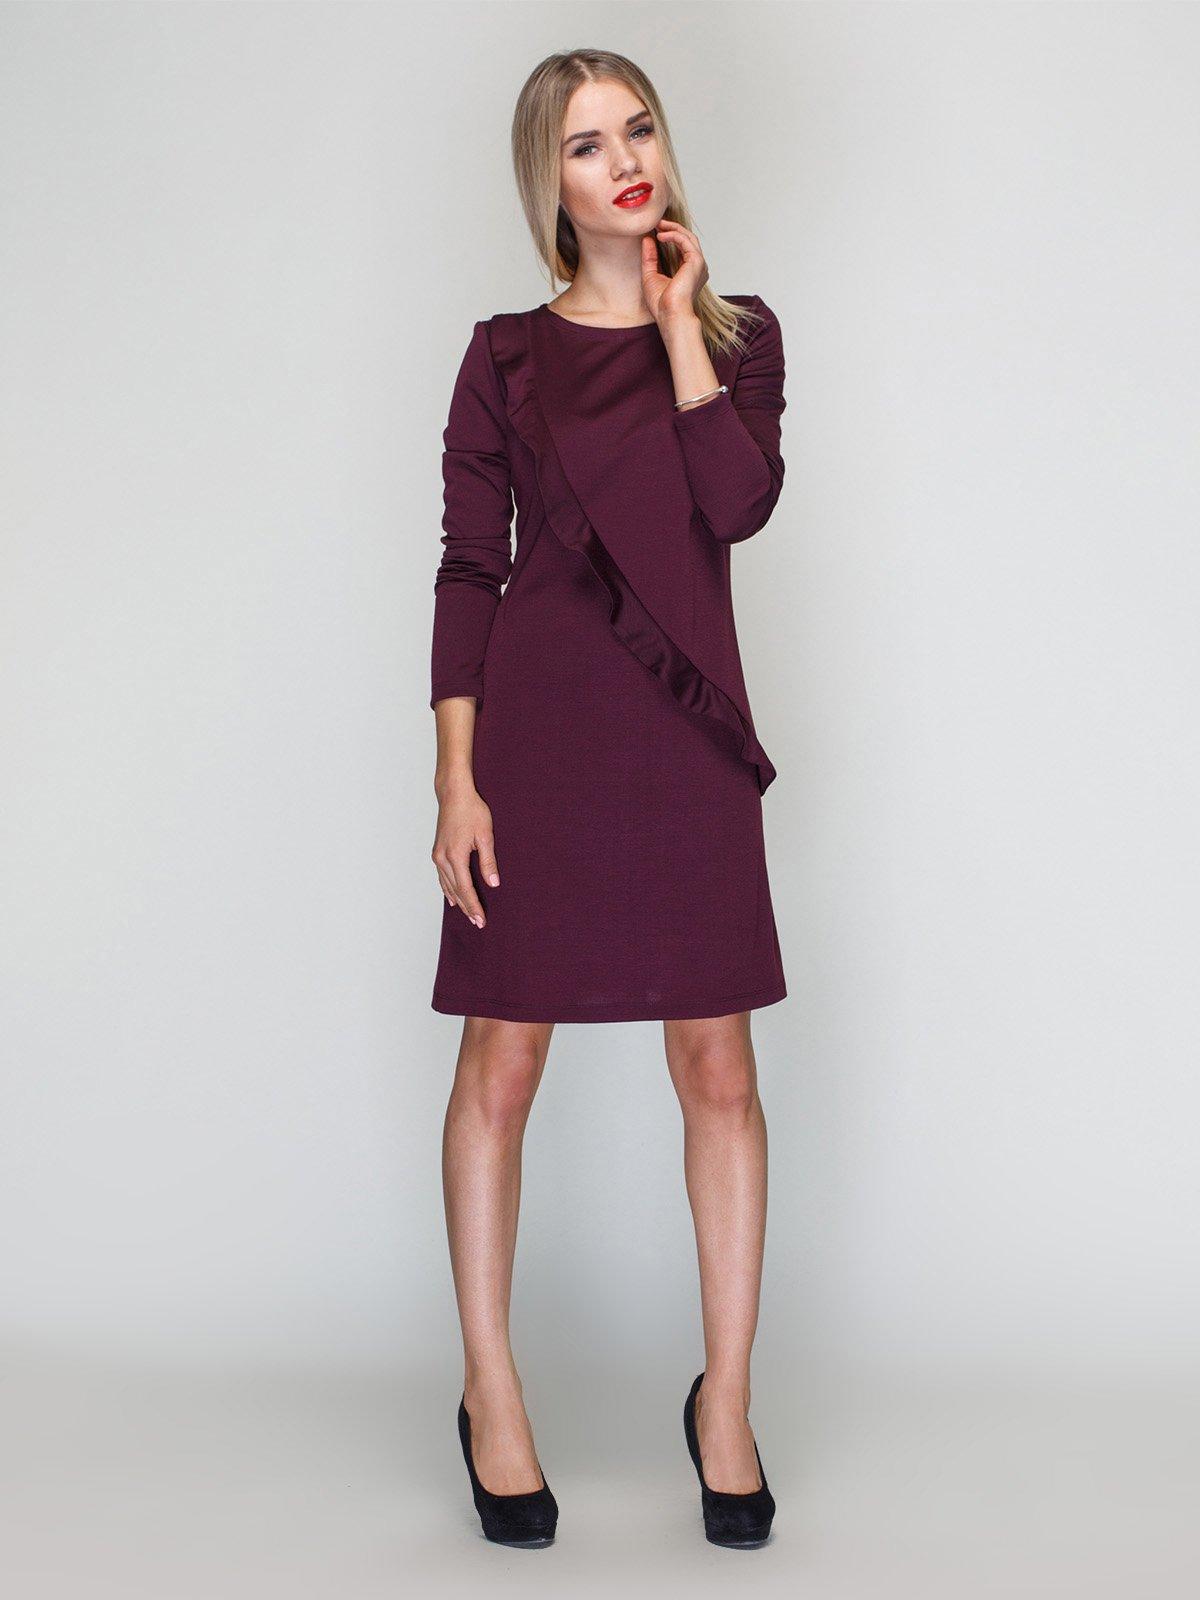 c6b5fab26658531 Платье цвета марсала — MarieM, акция действует до 7 мая 2018 года ...